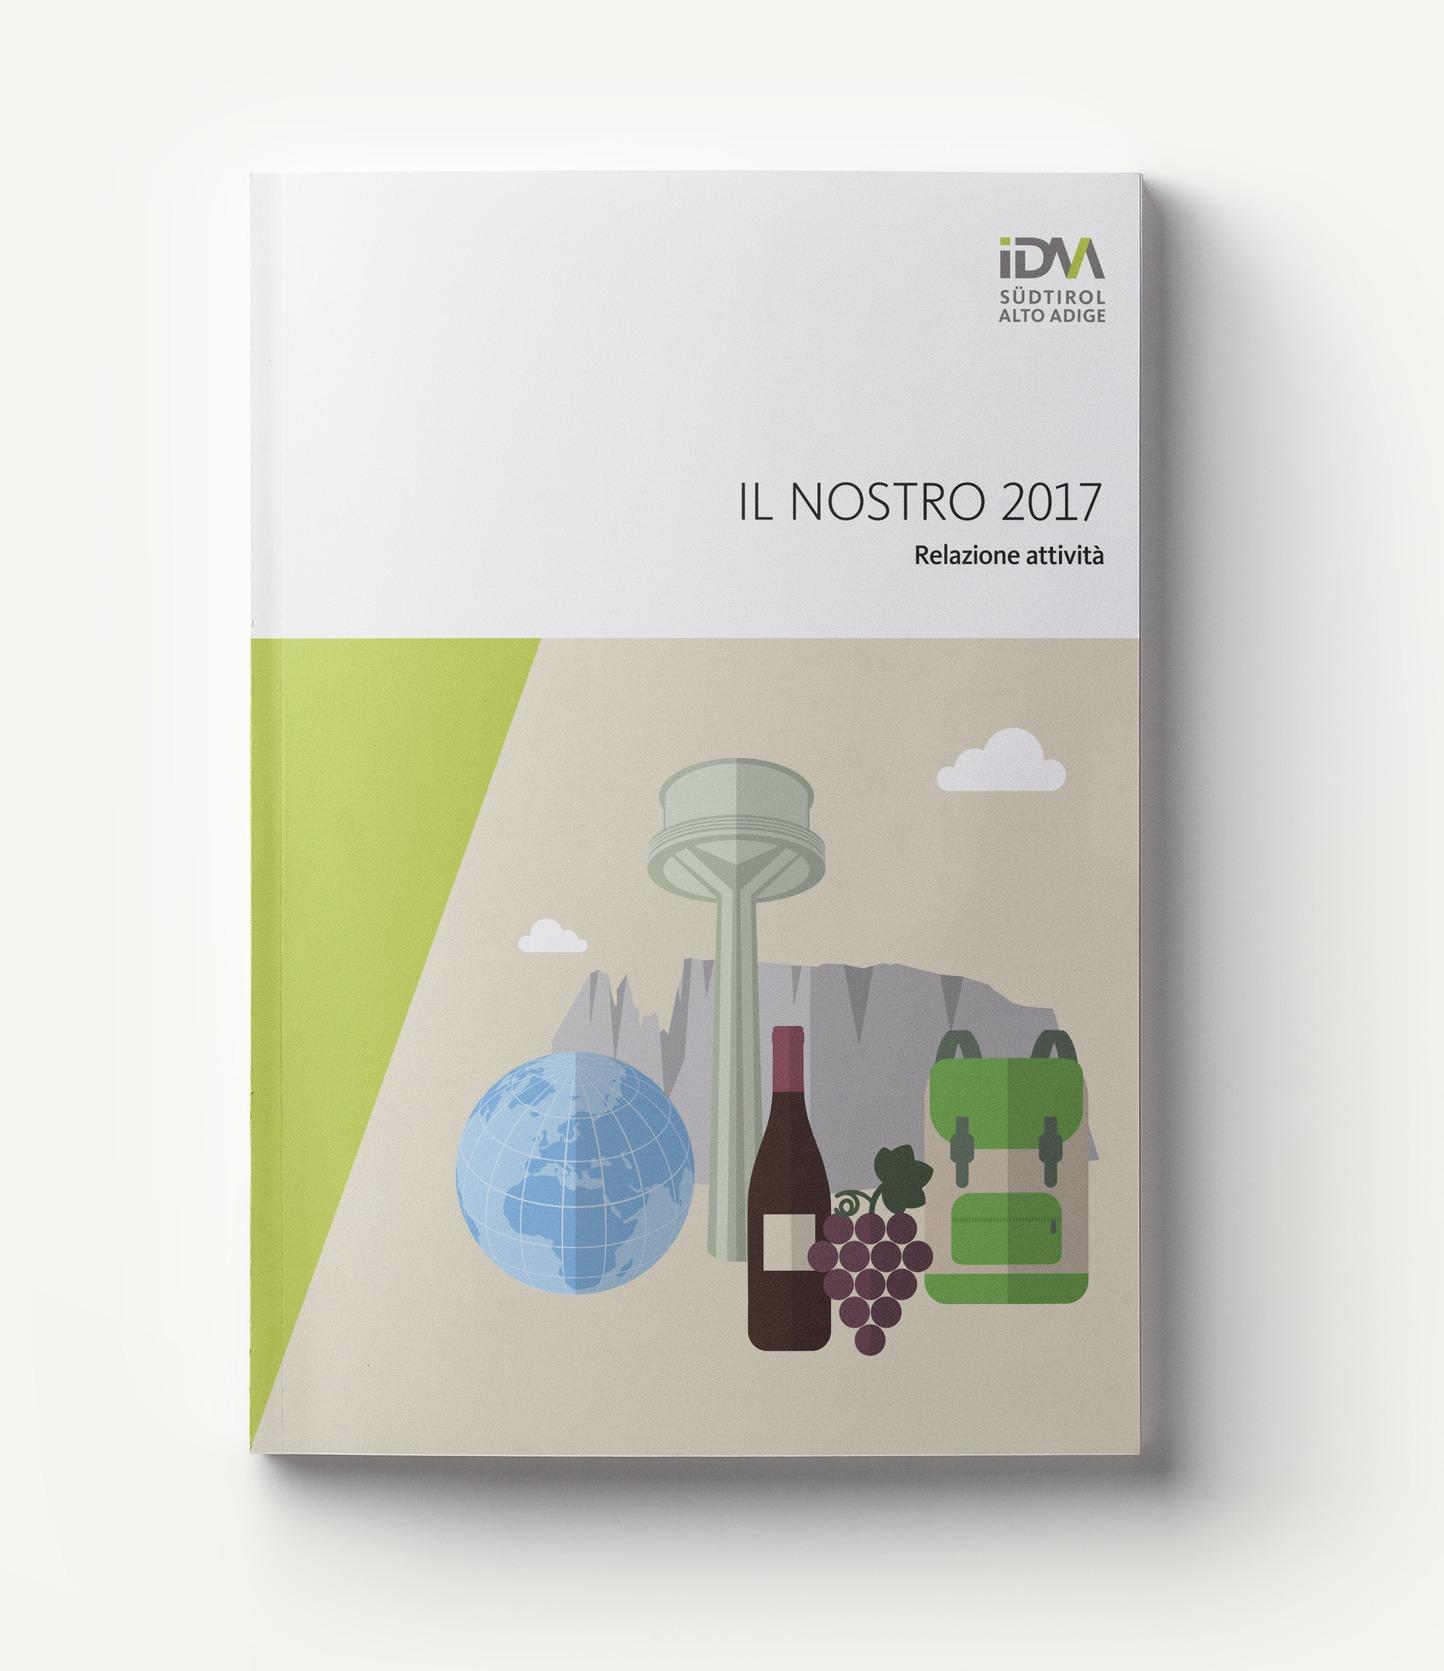 Report annuale / Annual report